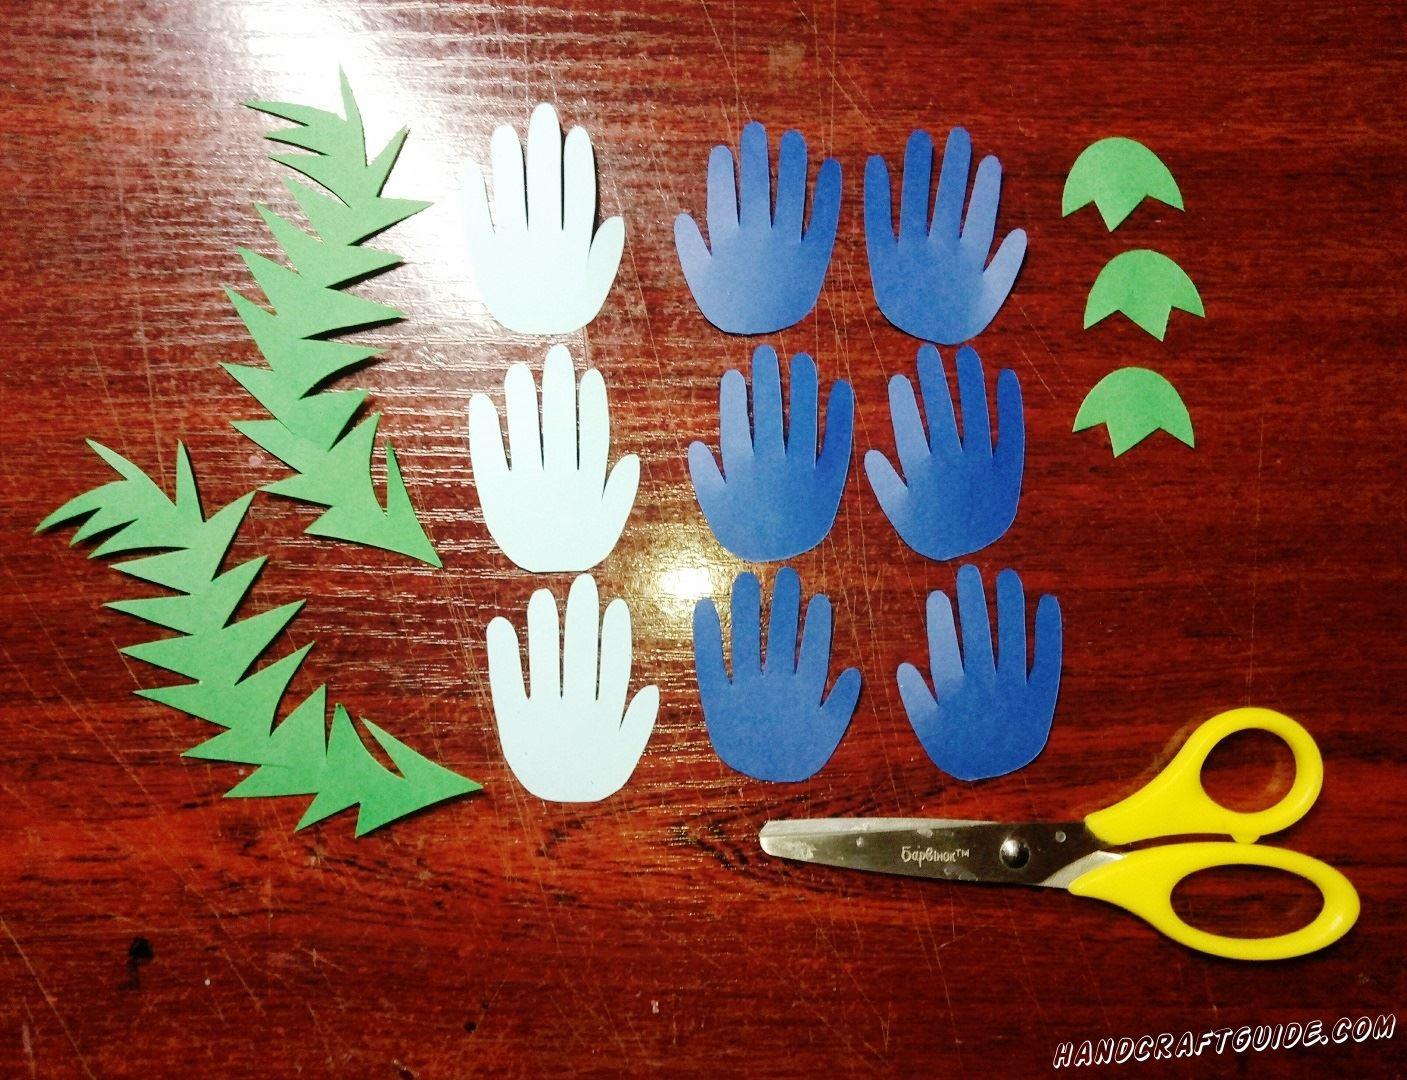 Для начала, нам нужно вырезать семь фигурок в форме ладошек синего цвета, и три «ладошки» из белой бумаги. Также нам понадобится две волнистые колючие травинки и три кувшинки зелёного цвета.